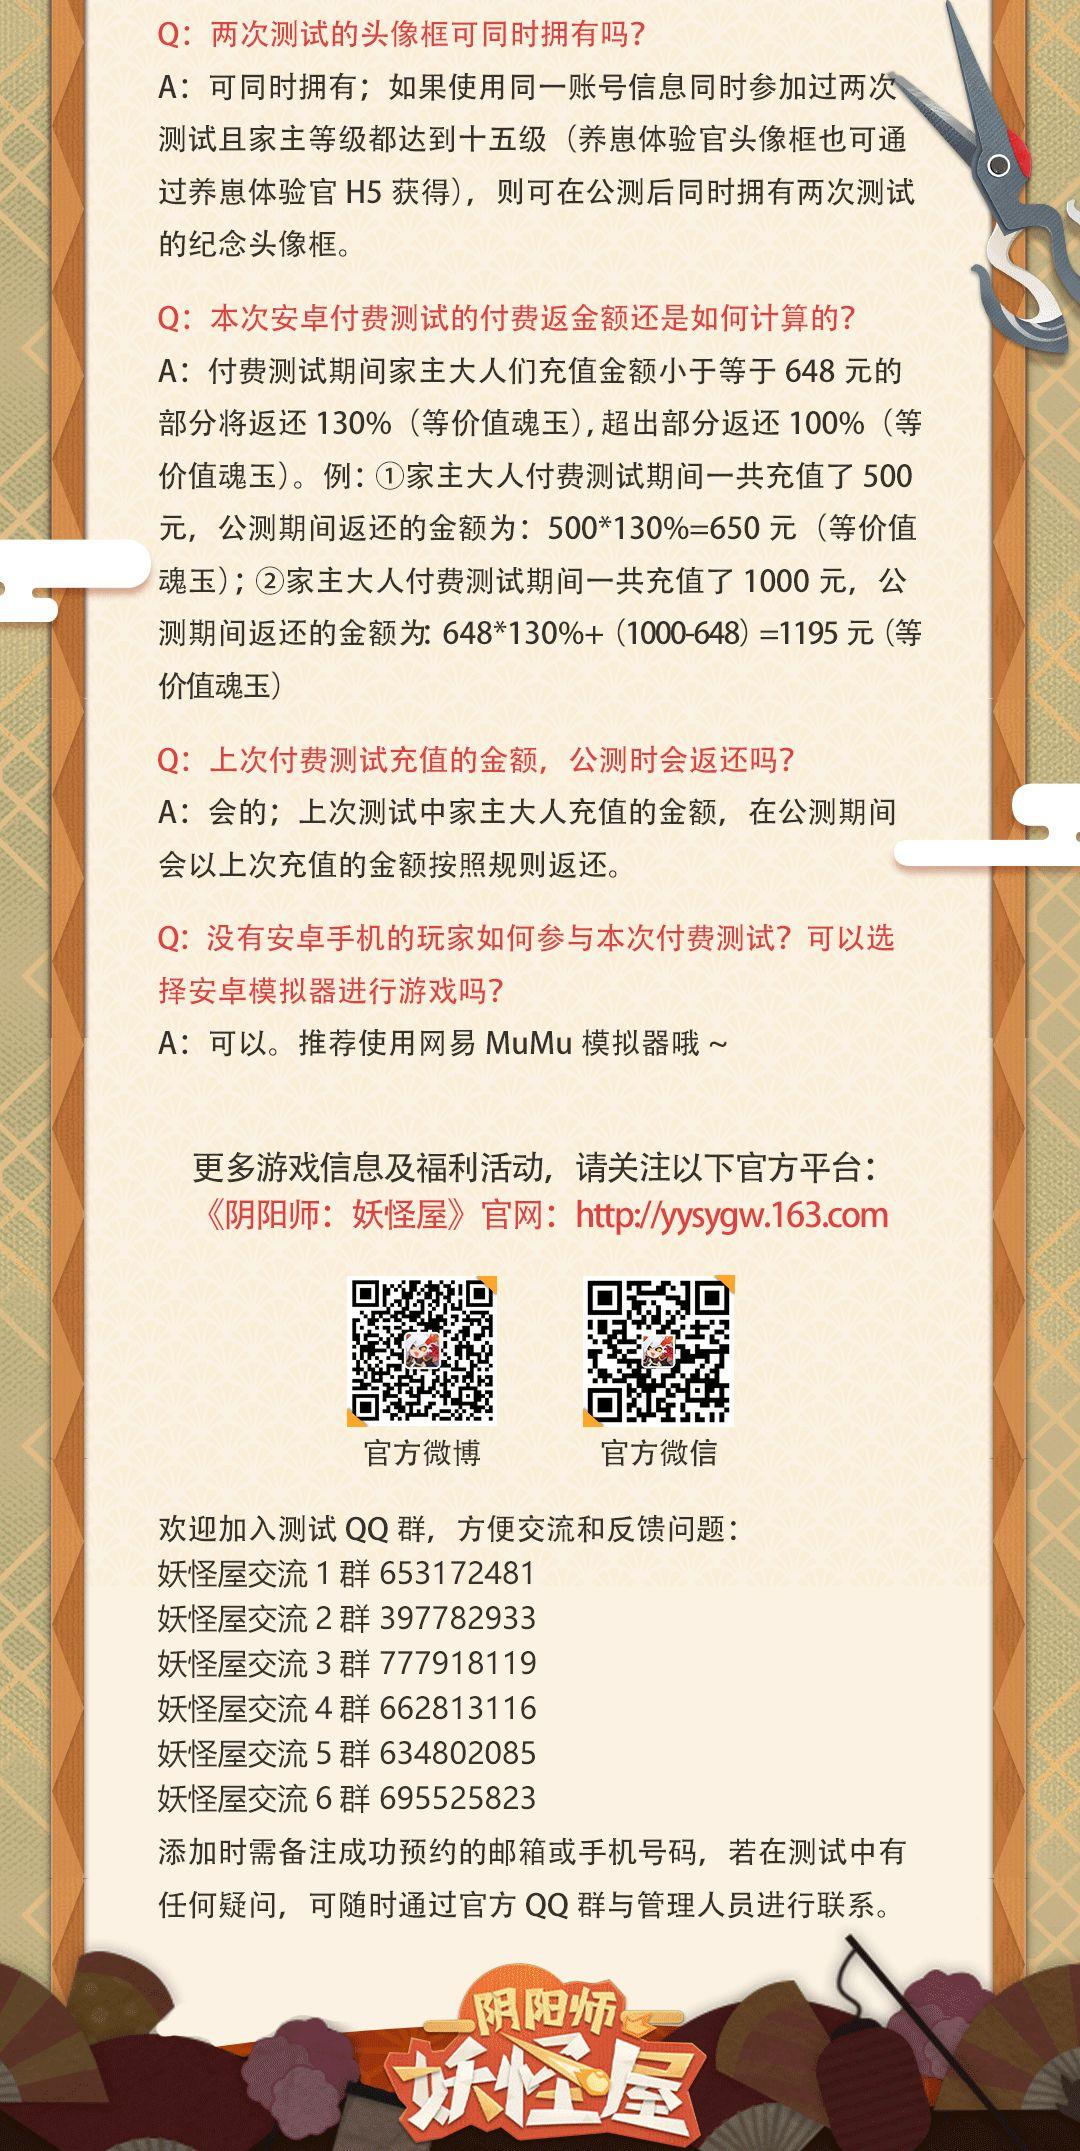 《阴阳师:妖怪屋》全新CG曝光,终极测试即将上线!